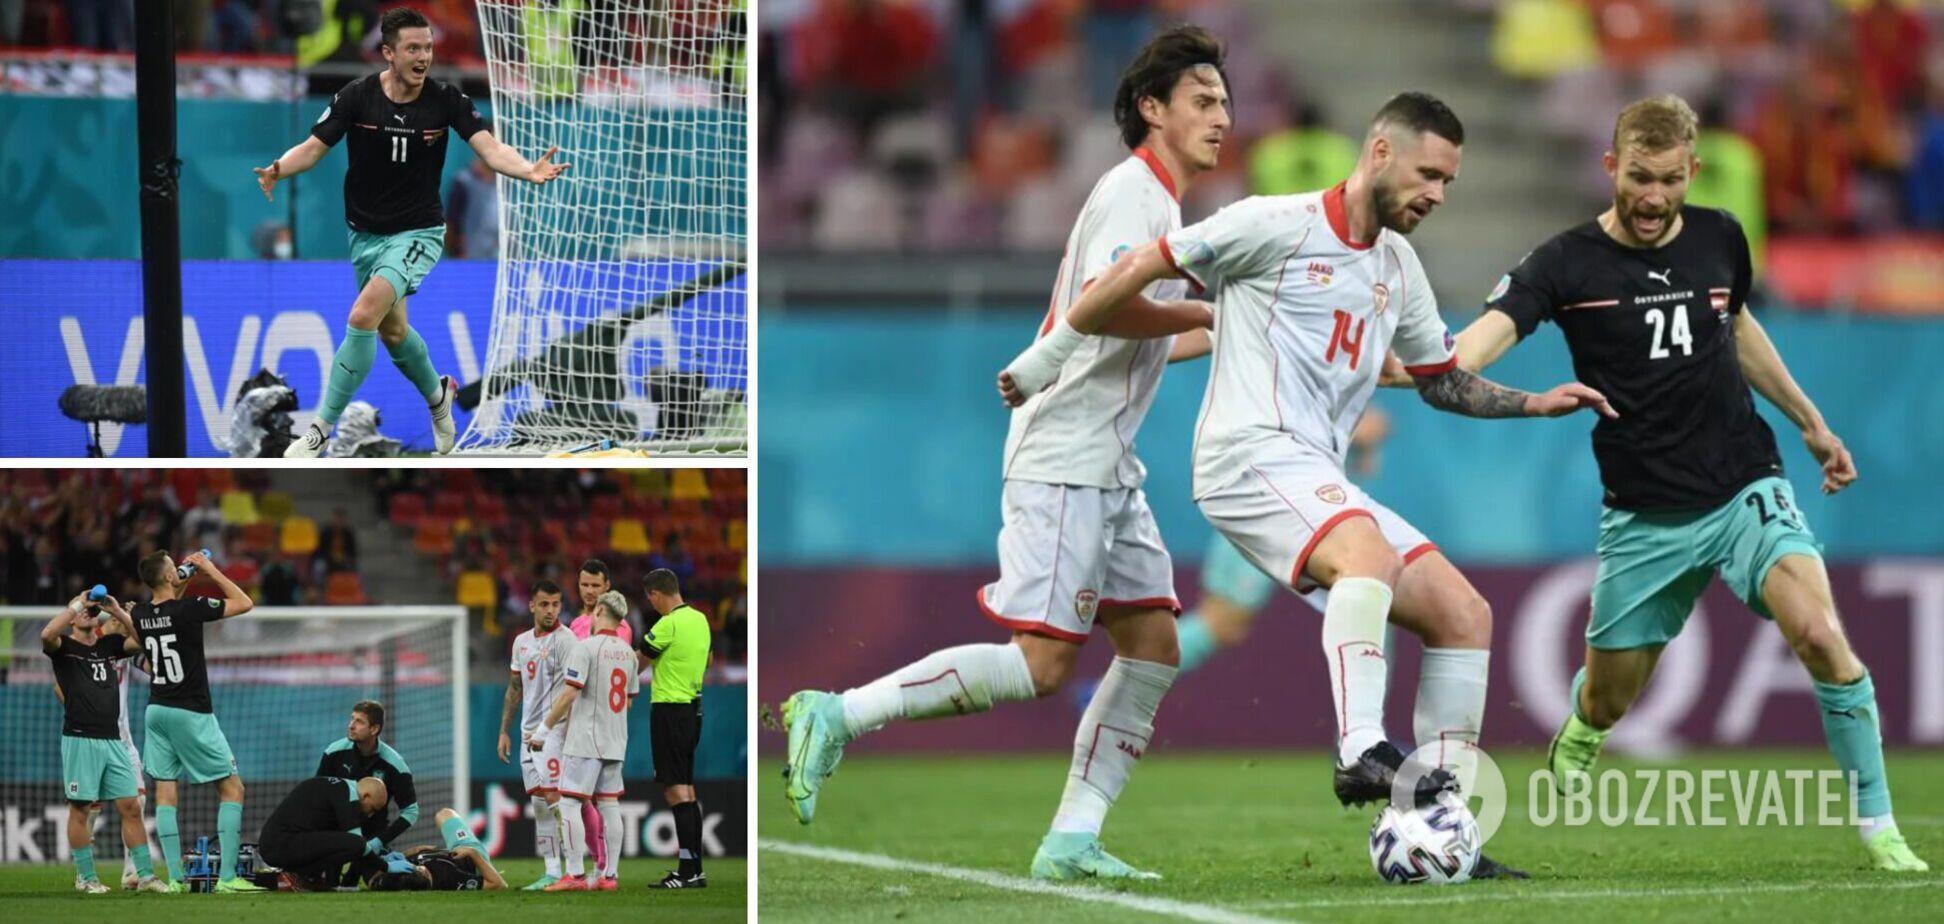 Австрія переграла Північну Македонію в історичному матчі